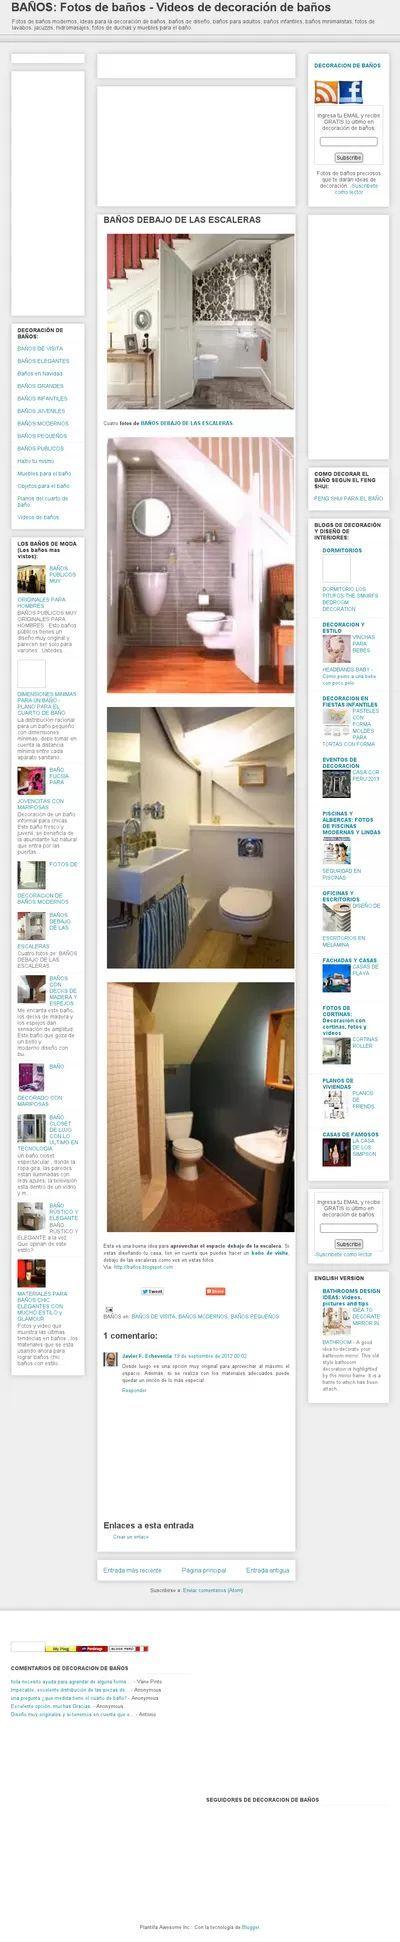 Baño Debajo Escalera:baños_debajo_de_escalera – Google Search